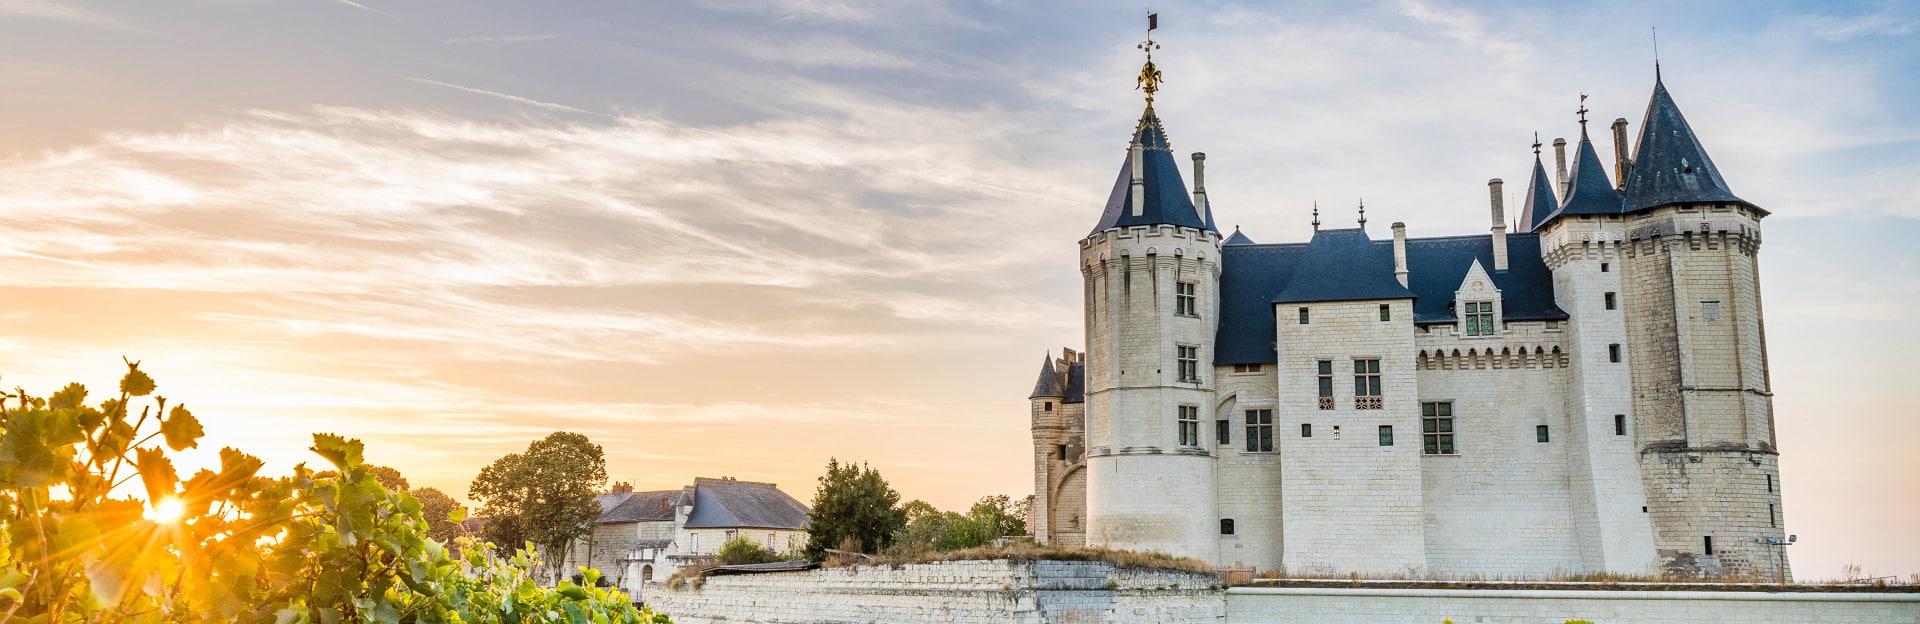 Château de Saumur - Gîte à proximité des châteaux de La Loire - La Maison de Gabin & Augustin